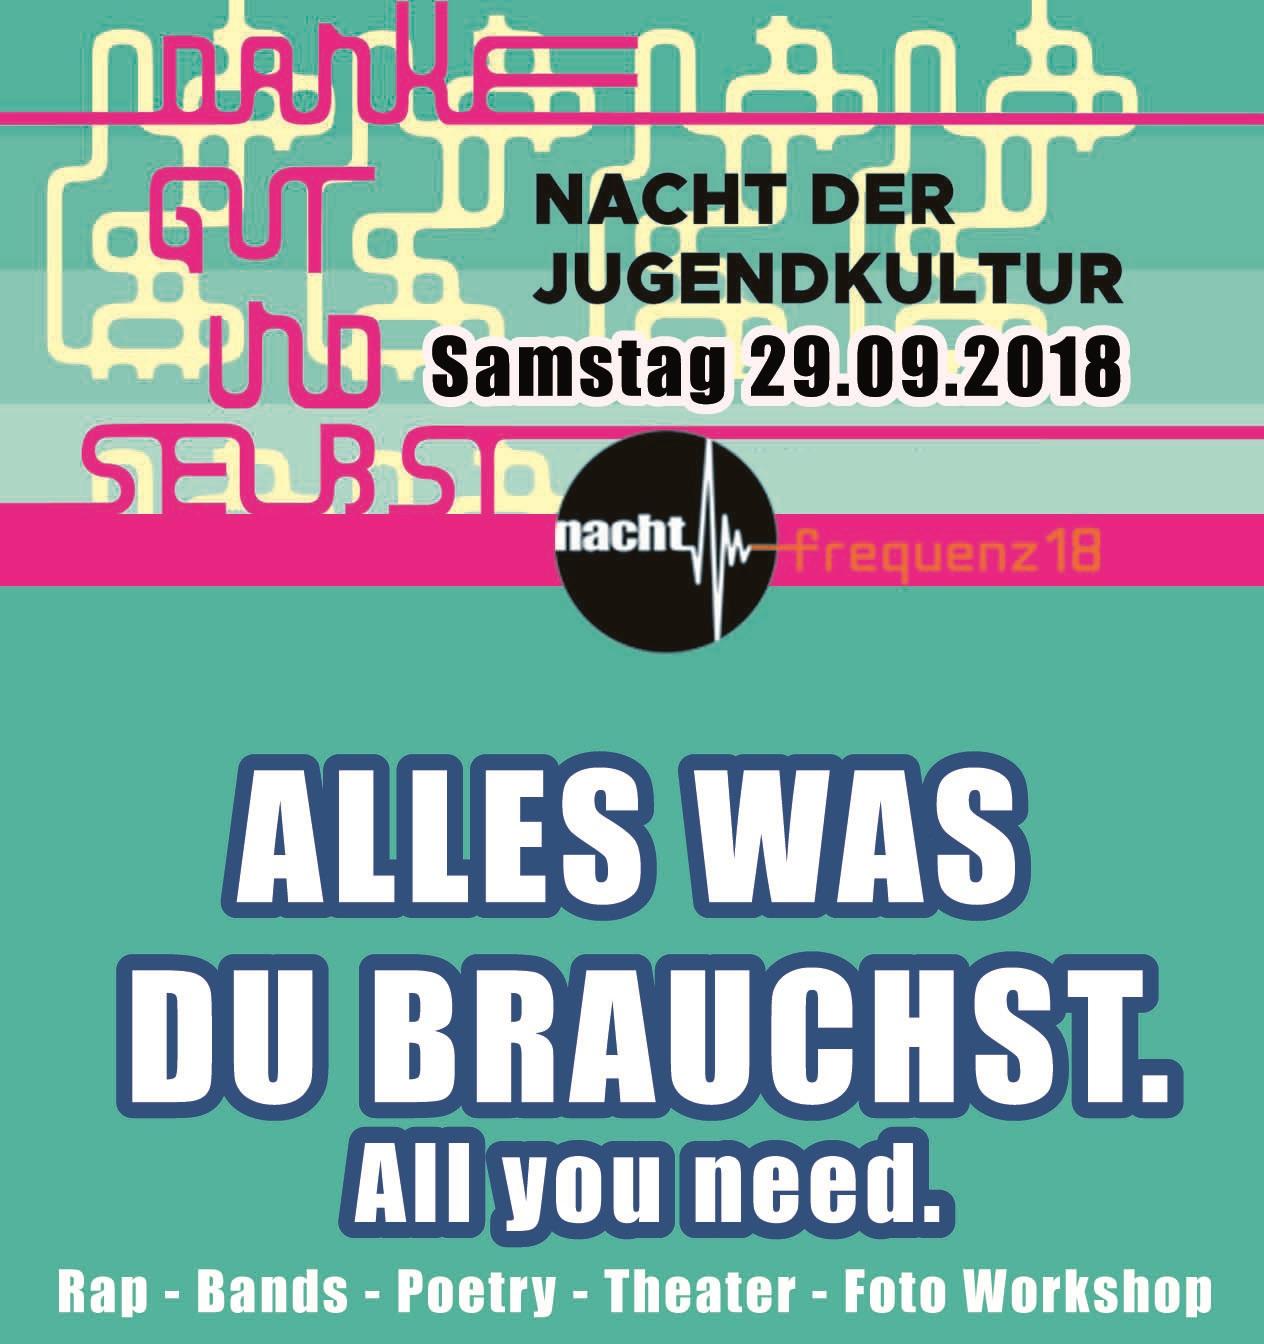 """""""Alles, was du brauchst"""": Nacht der Jugendkultur mit viel Musik"""